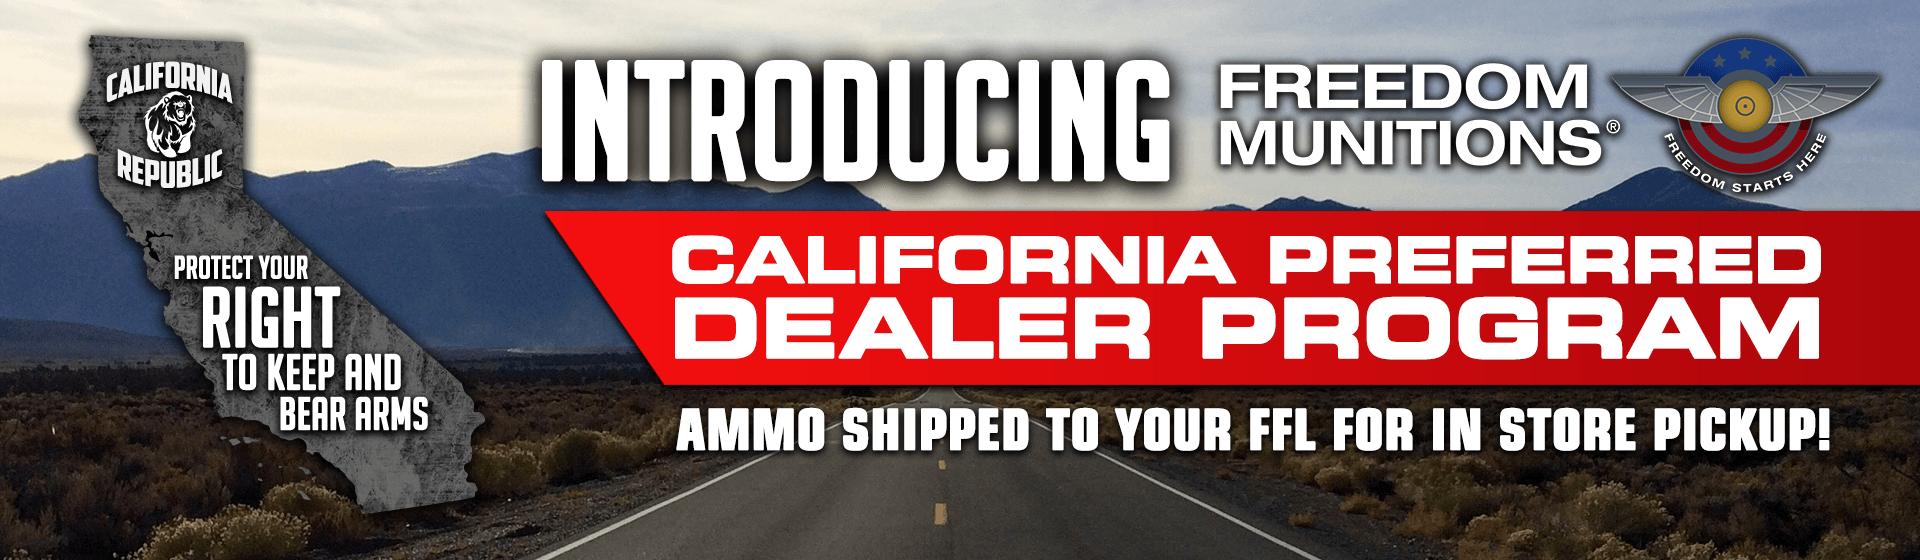 California Dealer Program